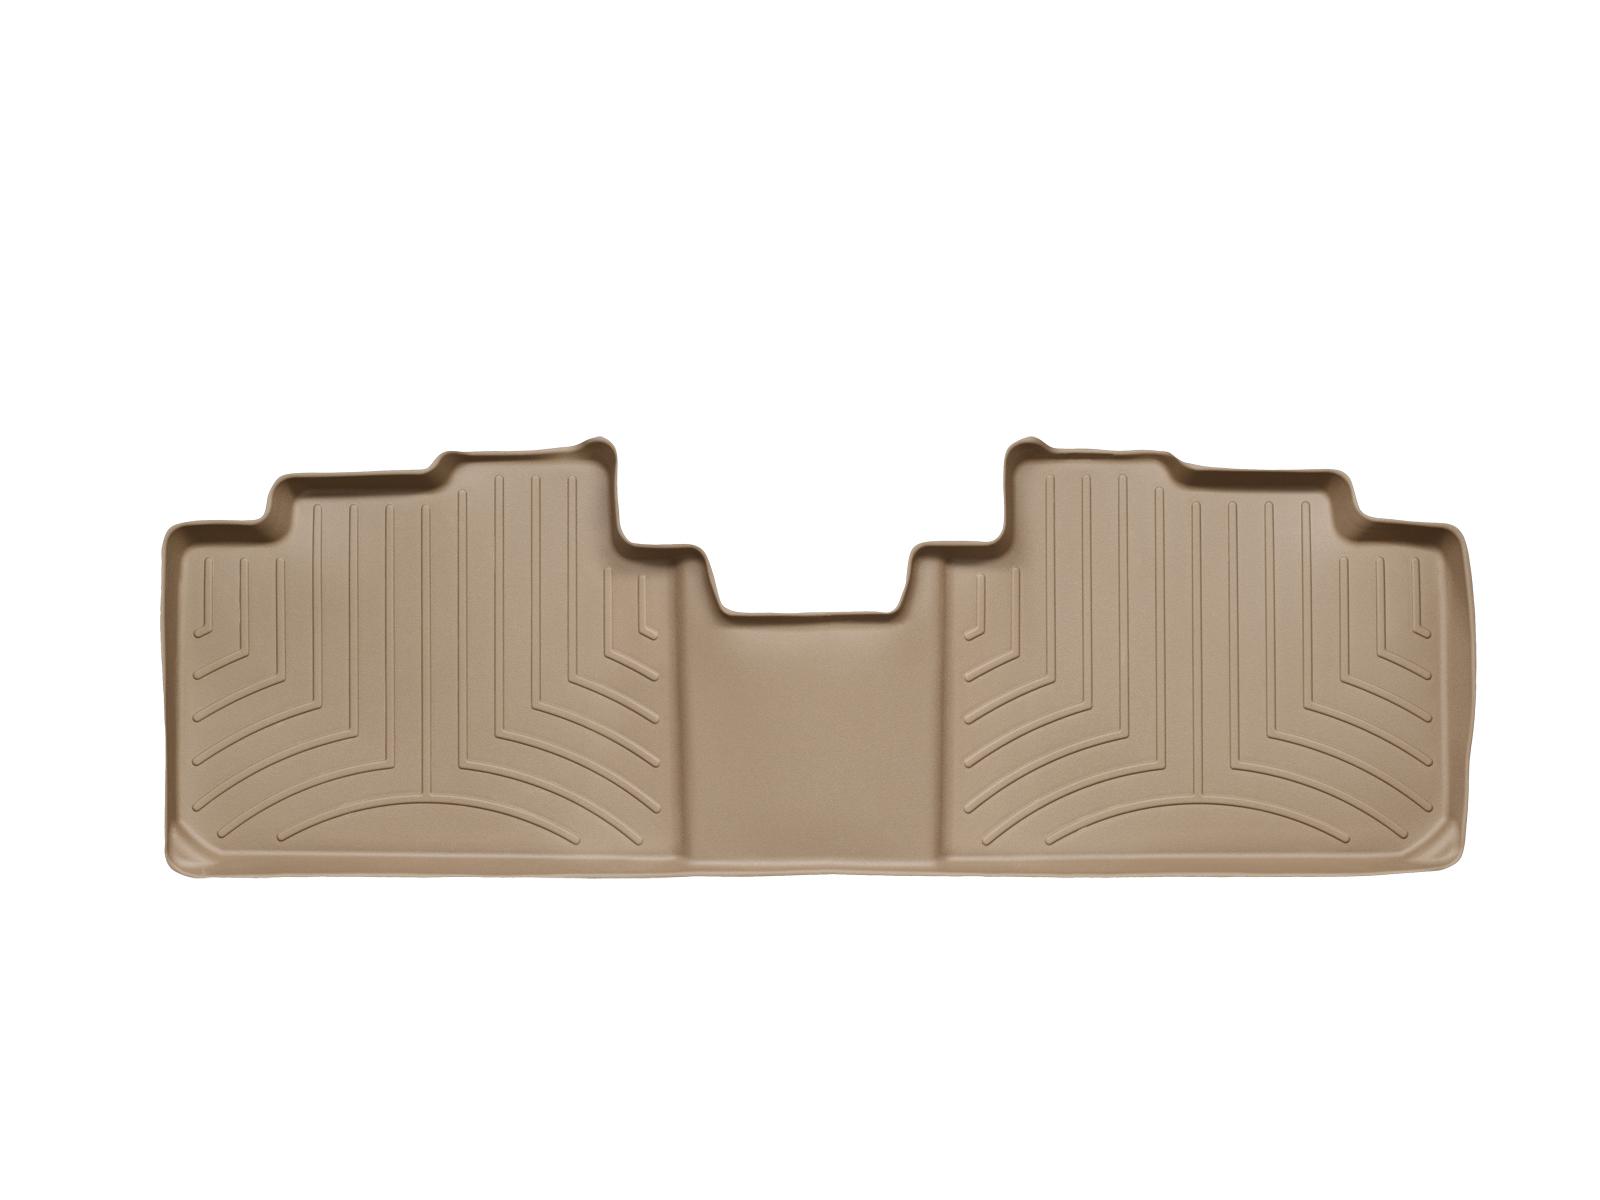 Tappeti gomma su misura bordo alto Cadillac SRX 10>16 Marrone A79*